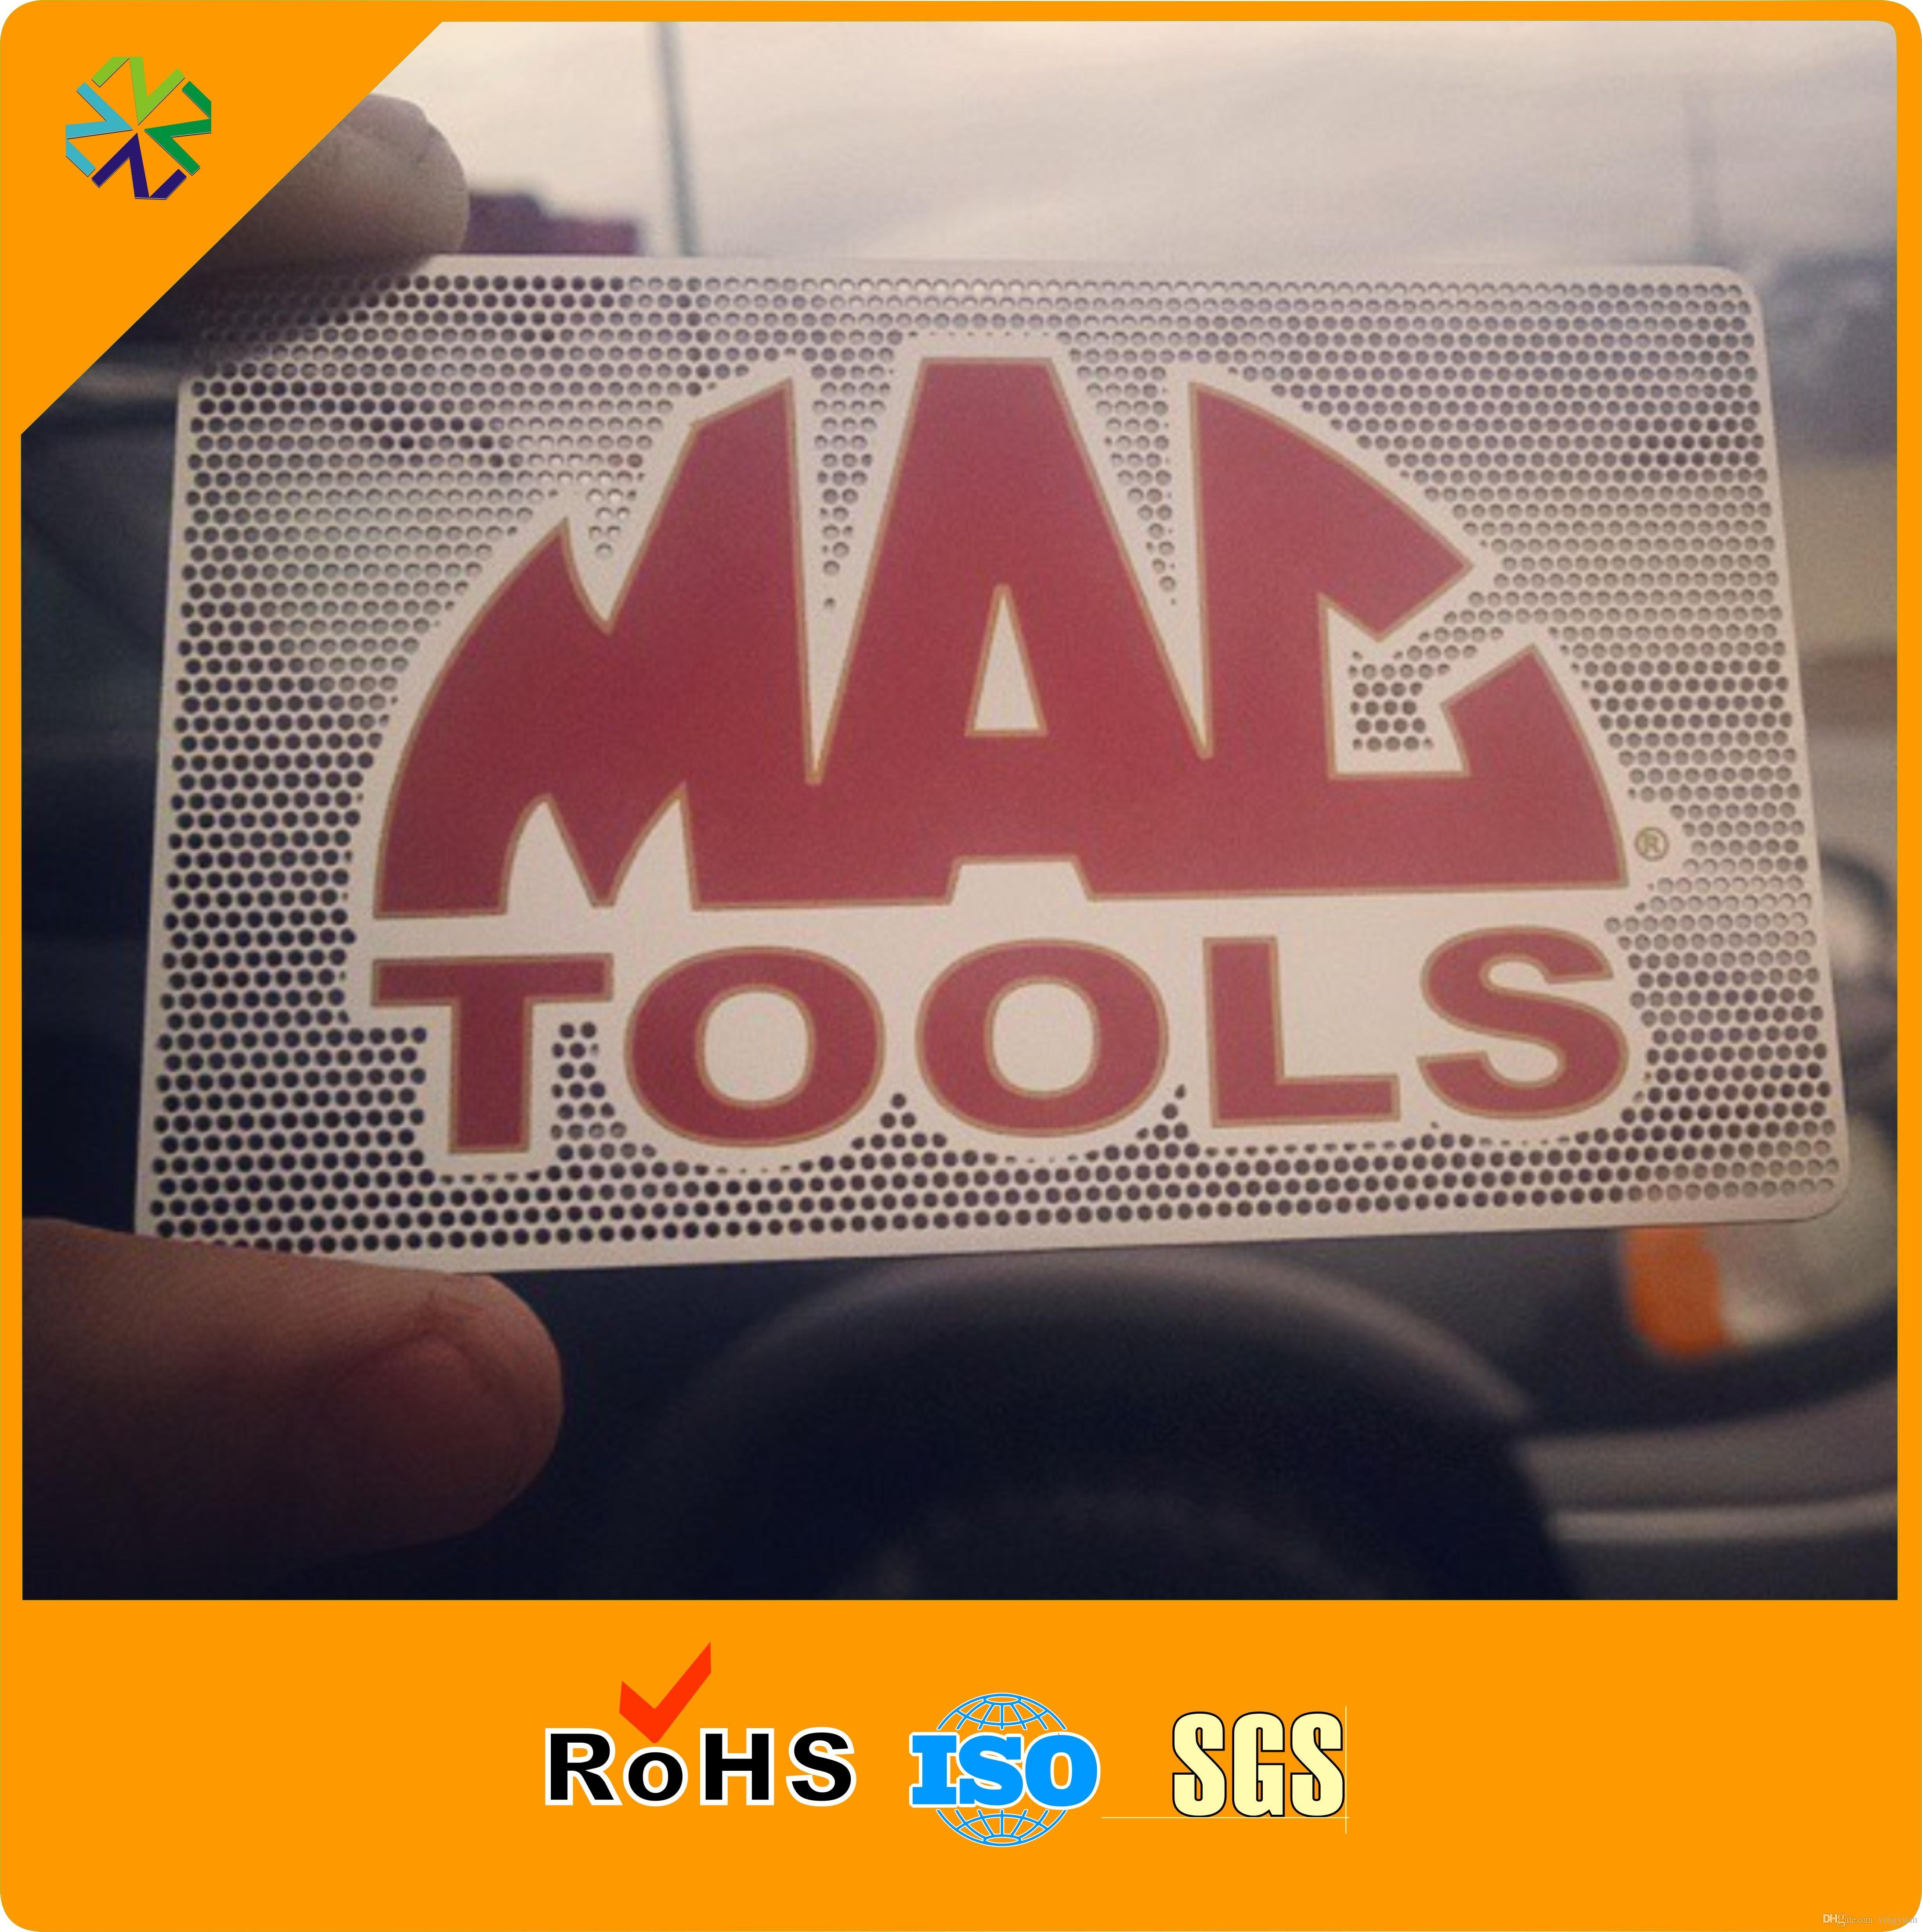 Benutzerdefinierte Logo Größe Farbe Stahl Material Hochwertige Metall Visitenkarten Drucken